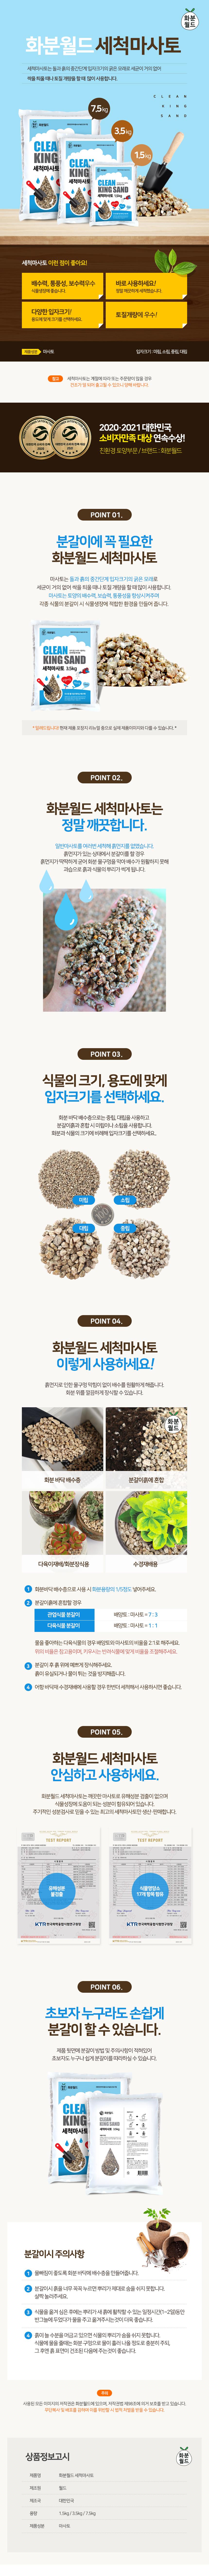 화분월드 세척마사토 20kg - 화분월드, 10,300원, 새싹/모종키우기, 흙/비료/영양제